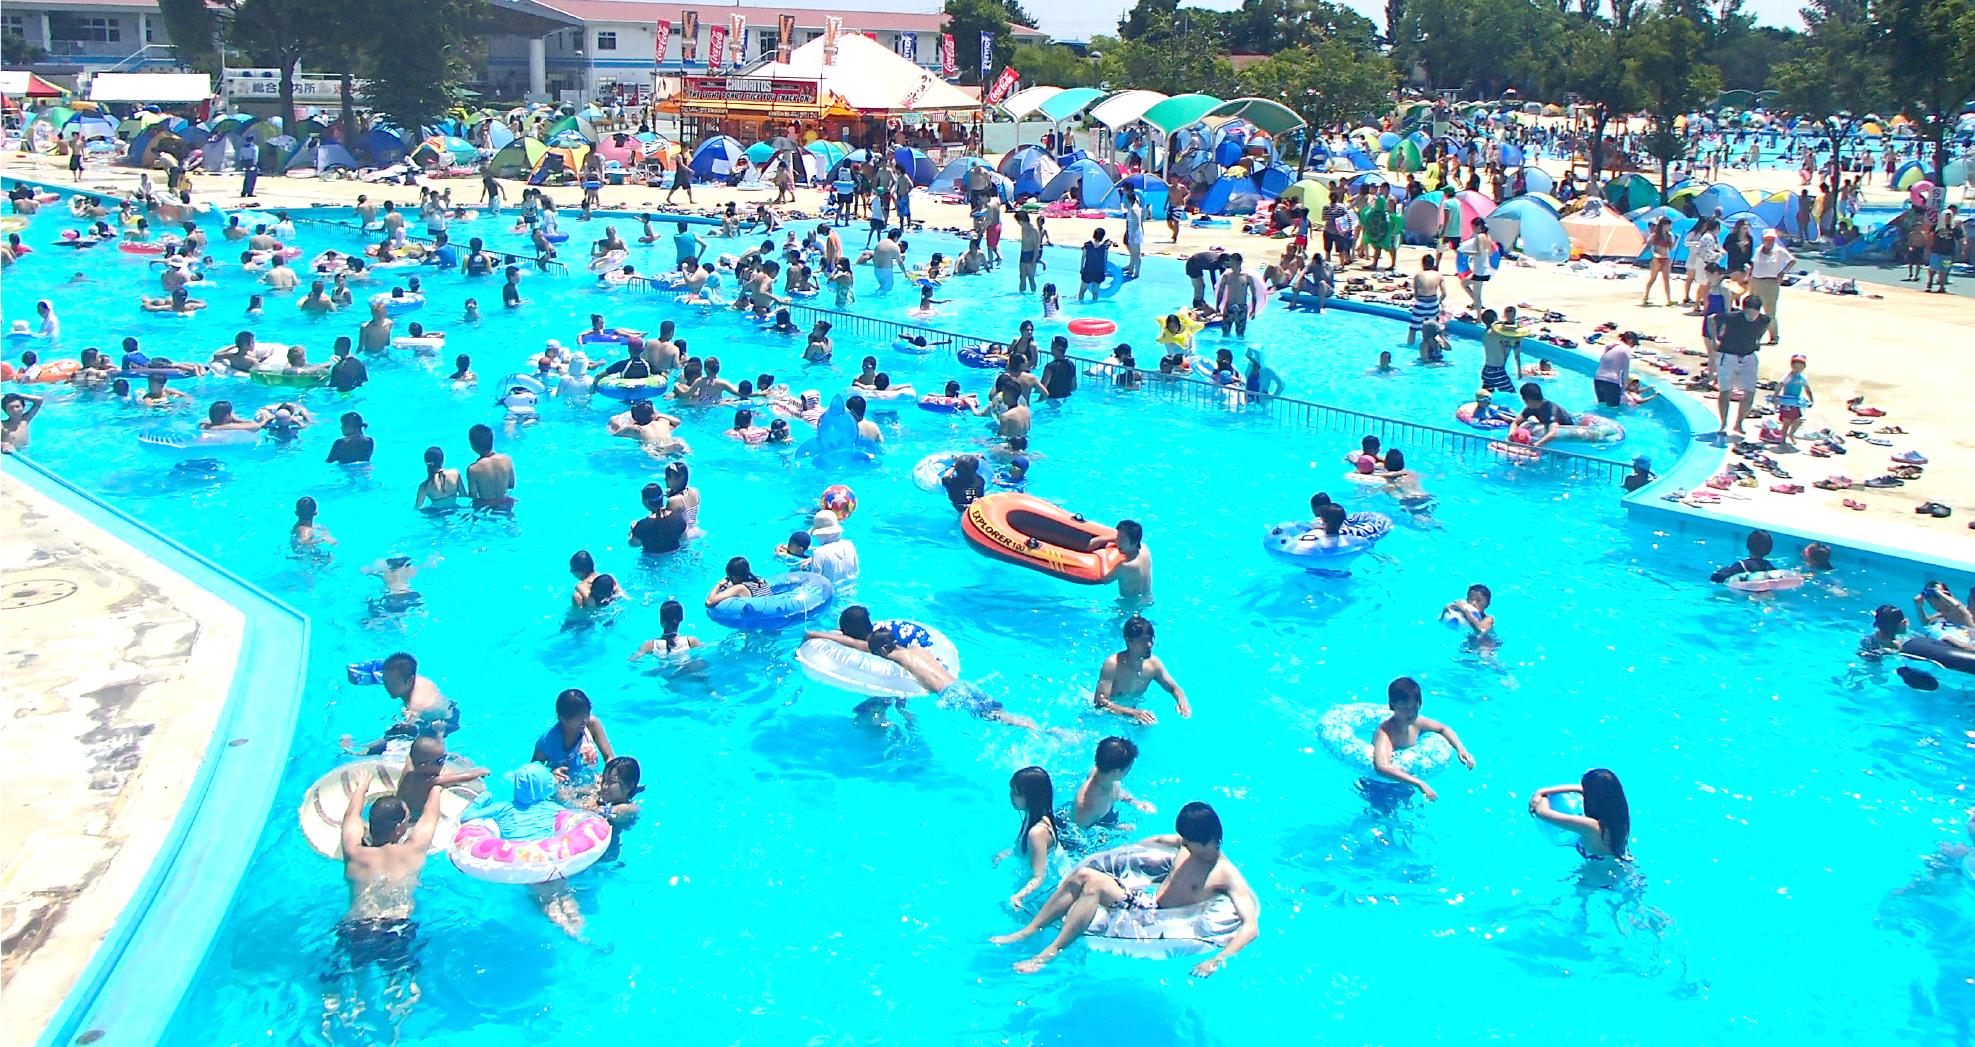 【さいたまの公園】夏はしらこばと水上公園のプールで遊びつくそう!